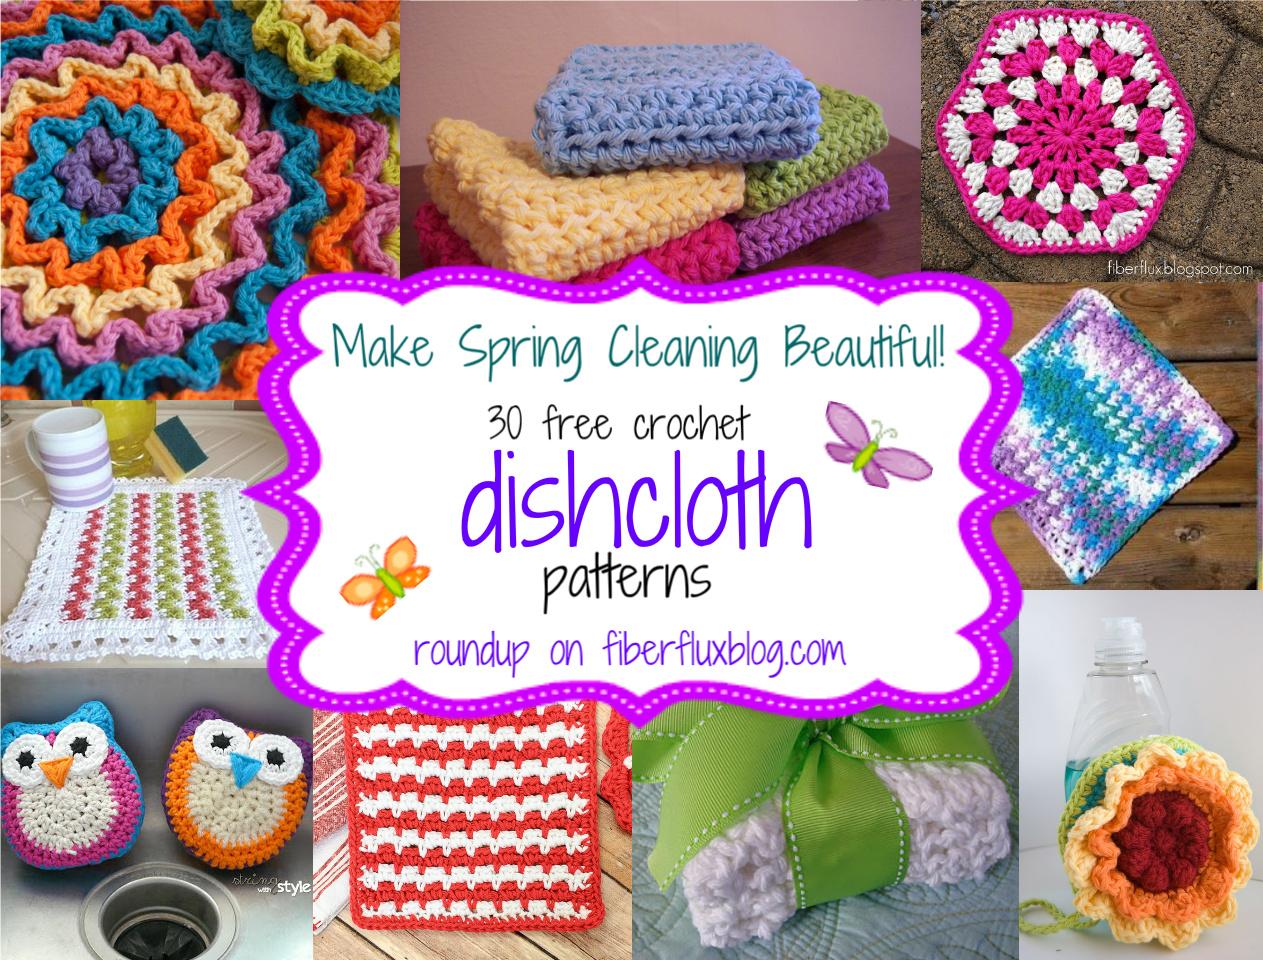 30 free crochet dishcloth patterns! CHTTAEK